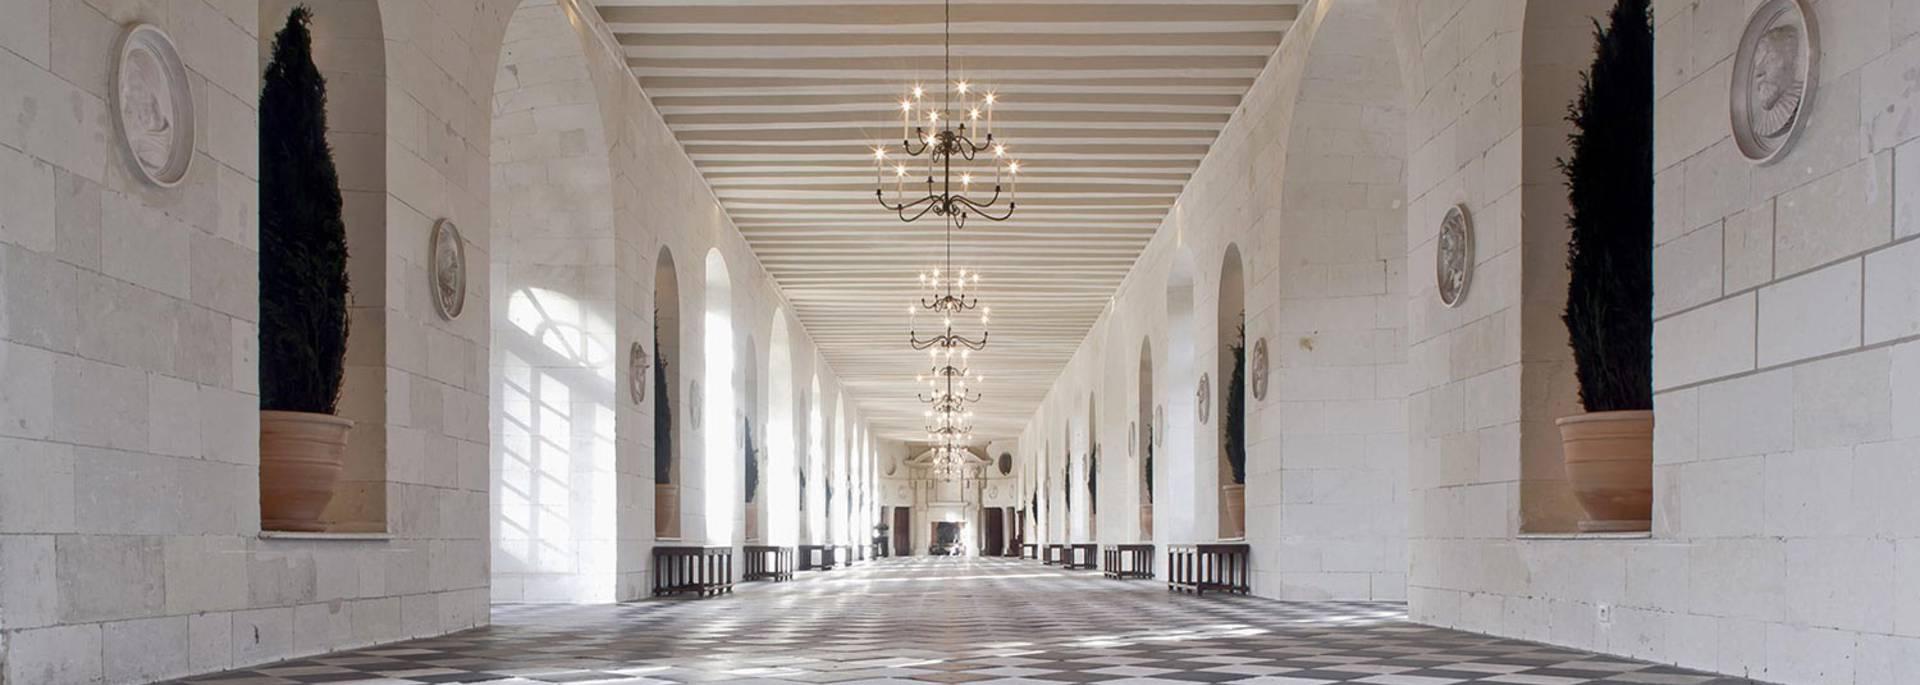 Interior del Castillo de Chenonceau